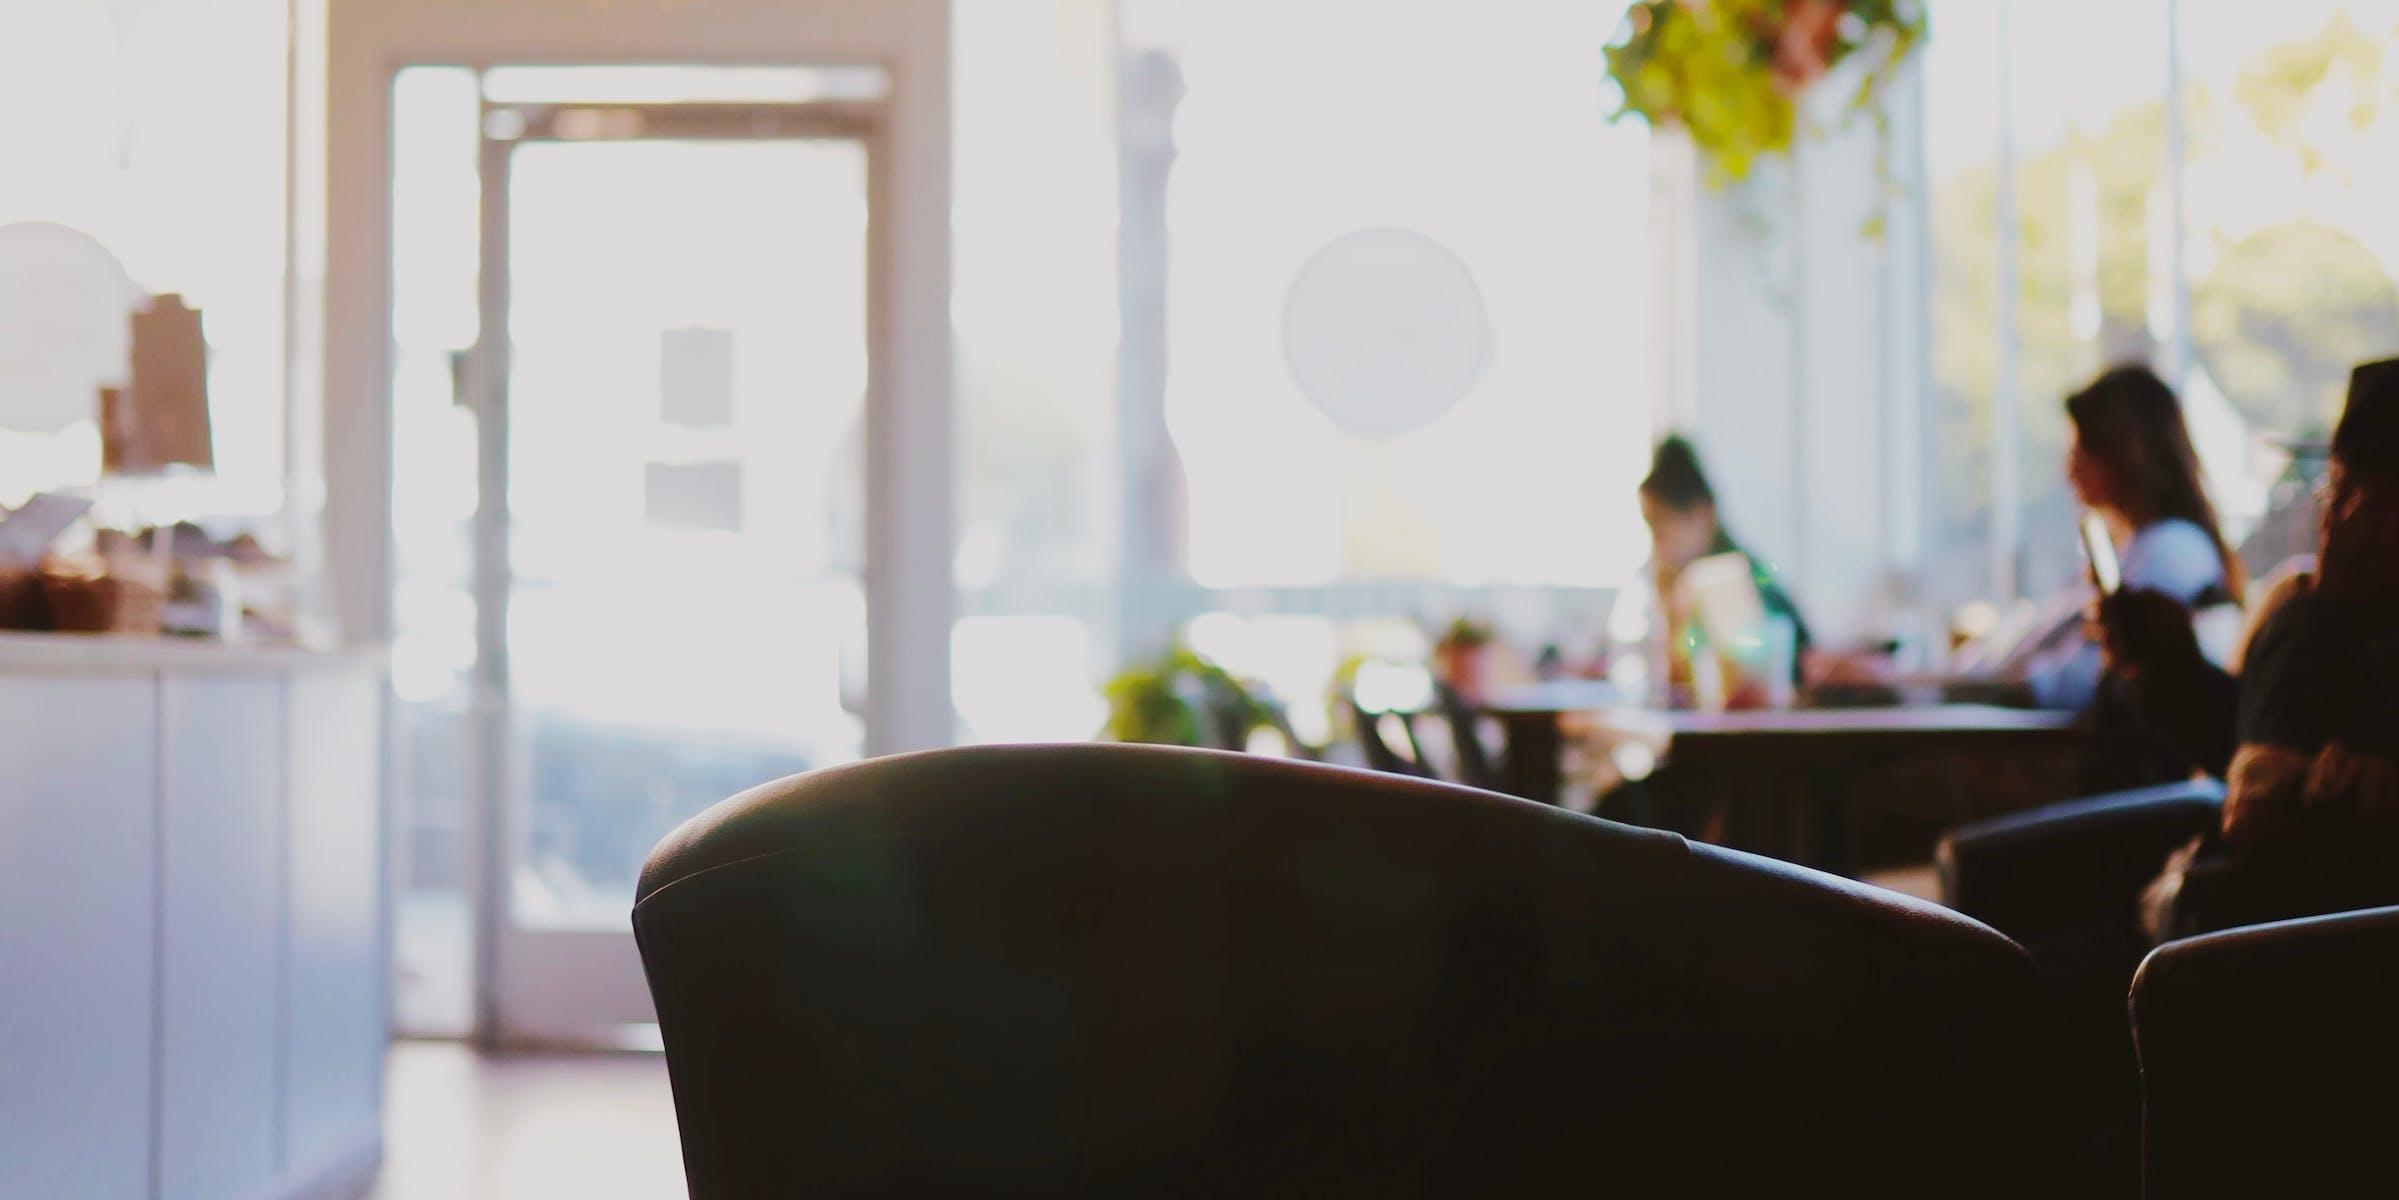 Закон о запрете кальянов в ресторанах 2020